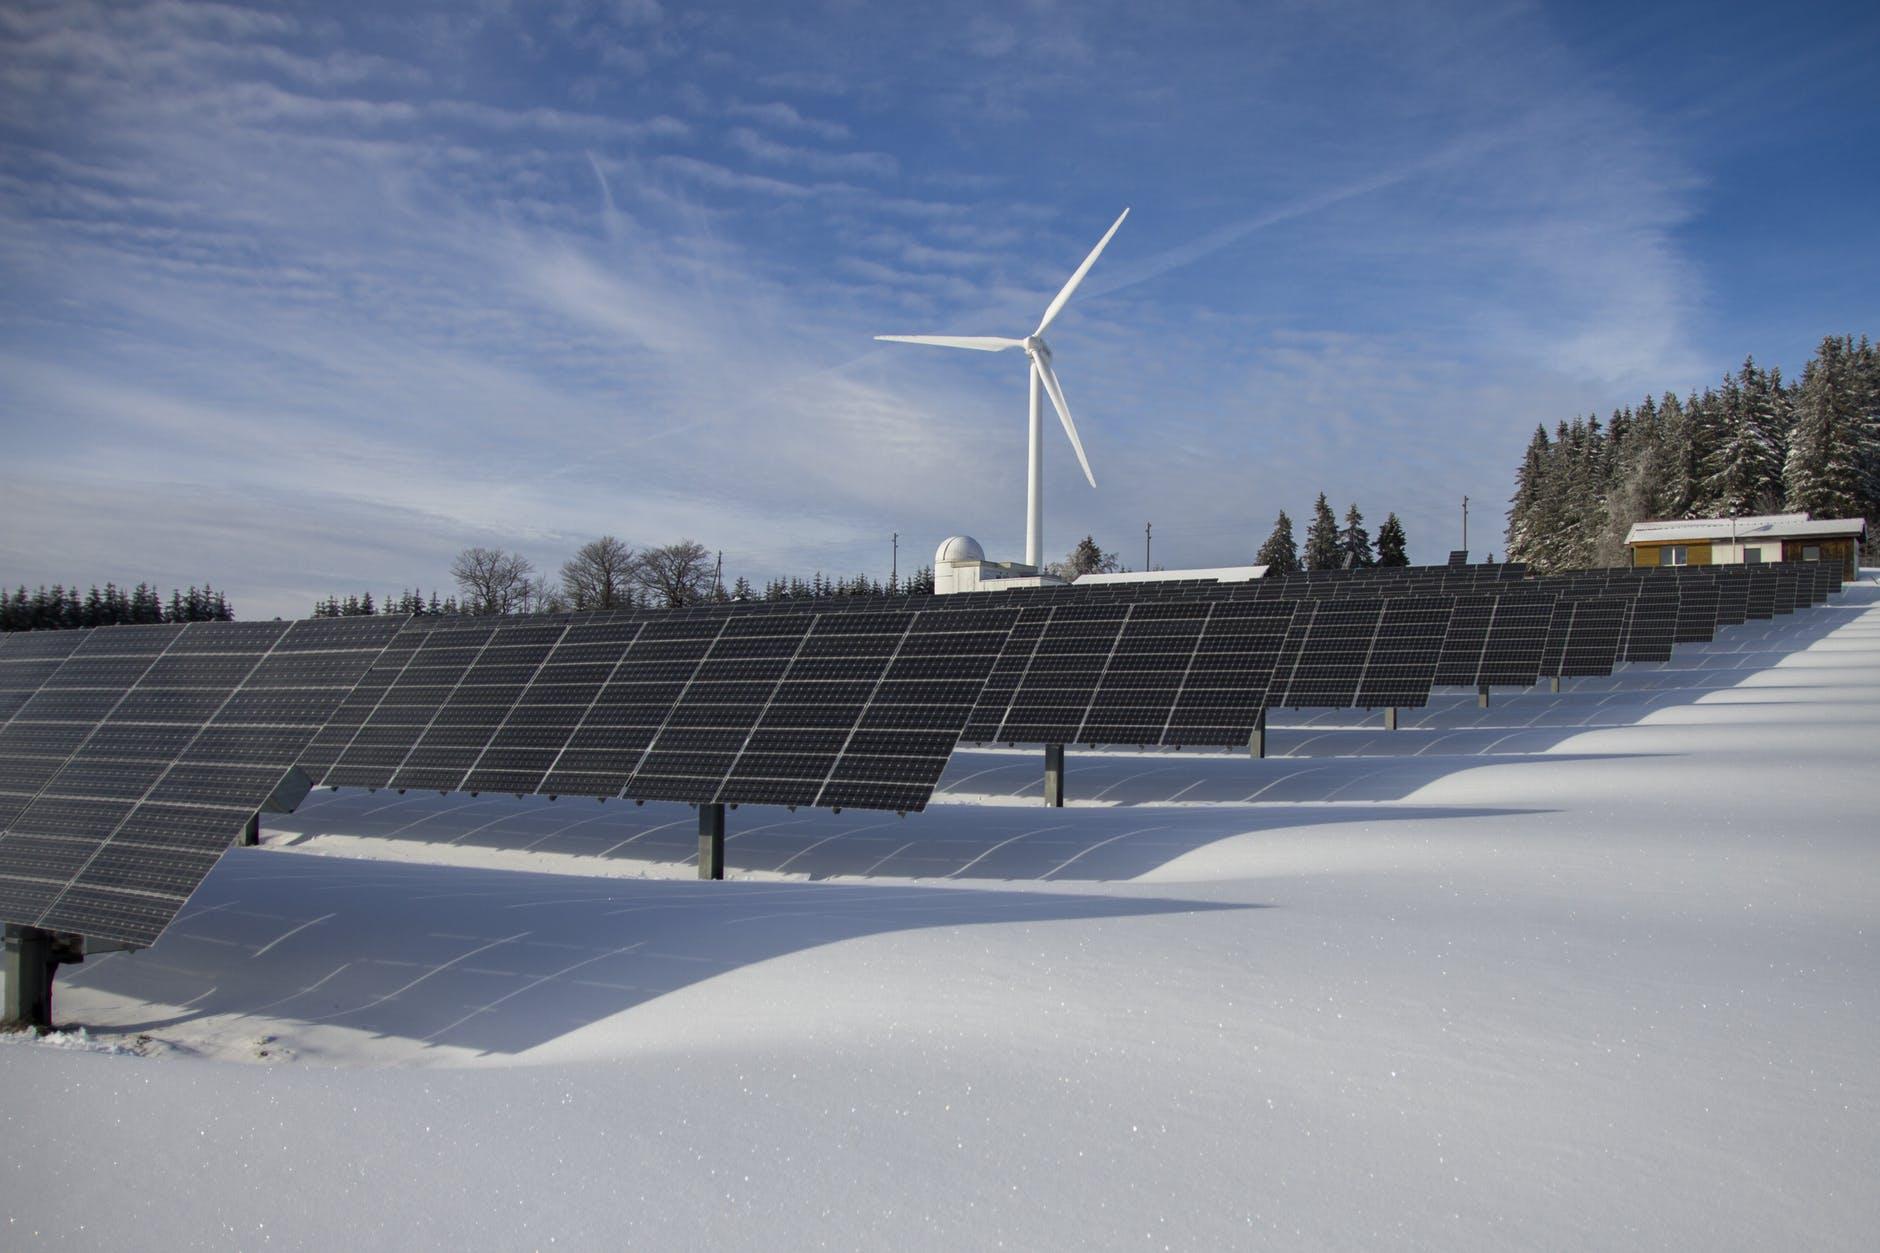 Butų gyventojai turi galimybę turėti nutolusią saulės elektrinę